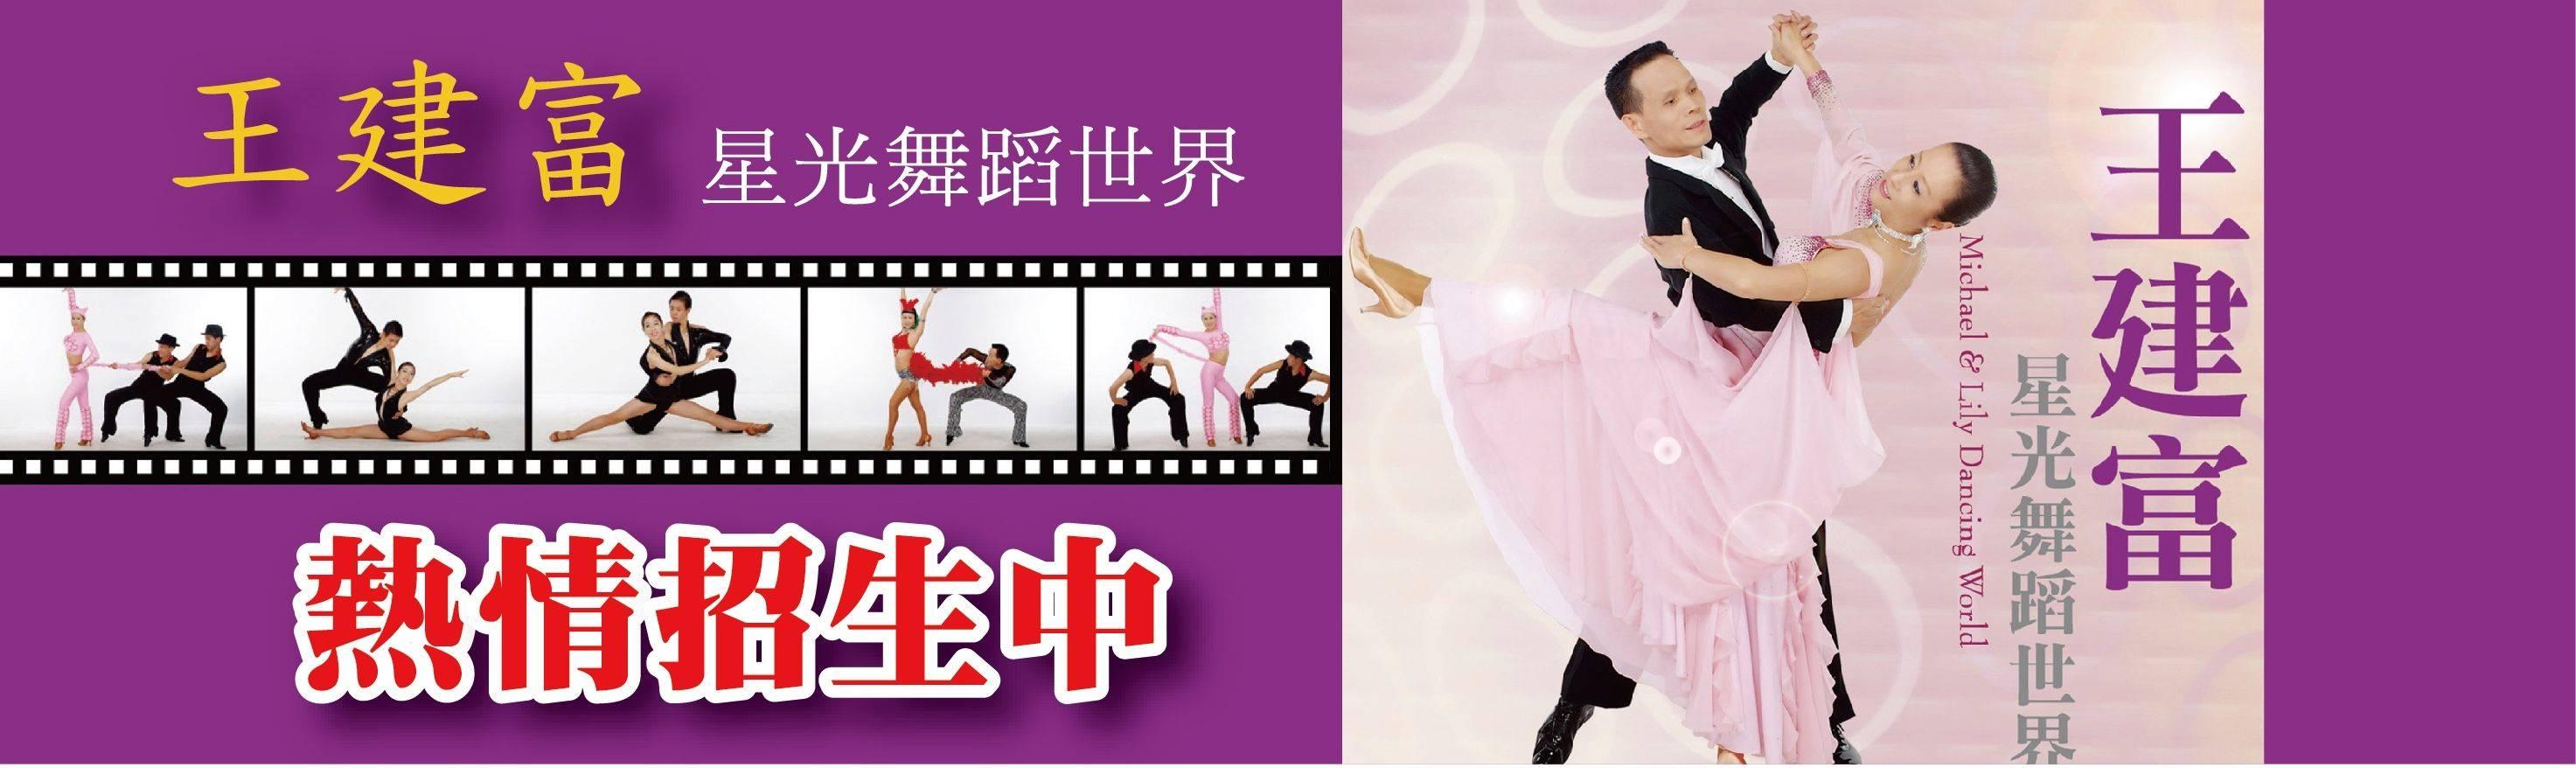 王建富星光舞蹈世界